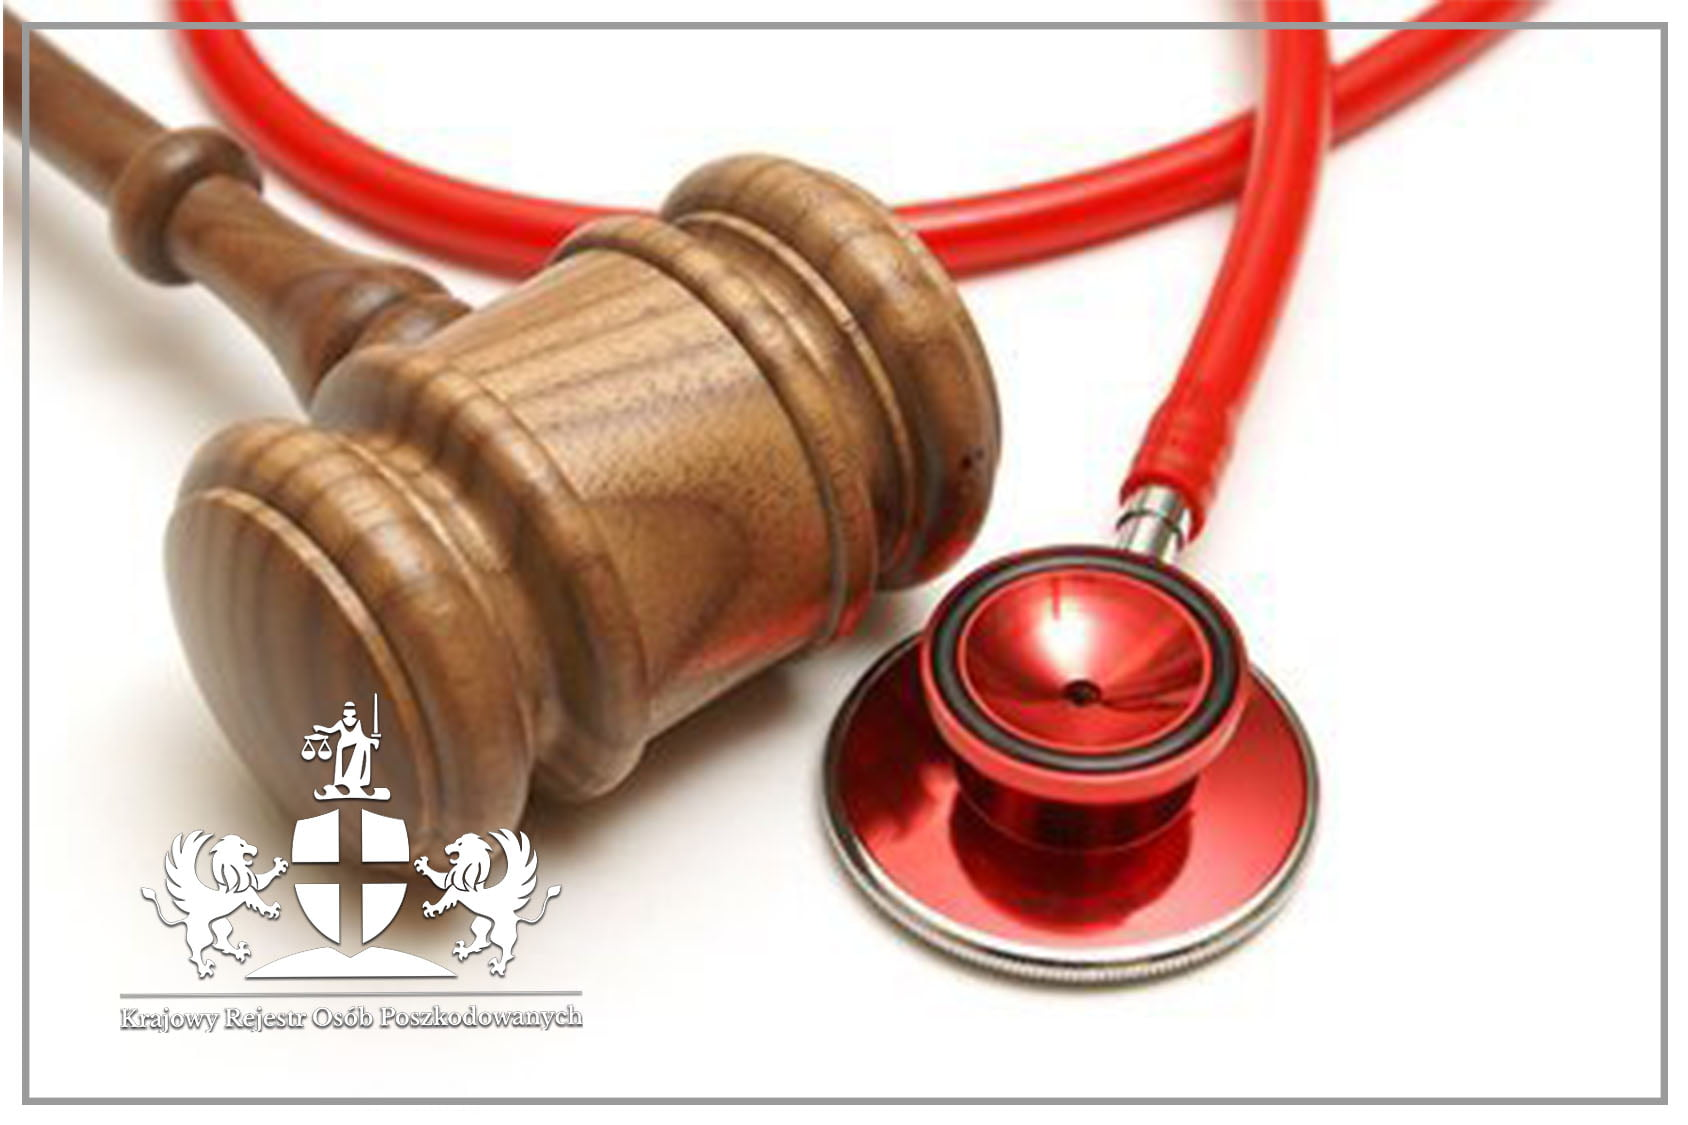 Tryby ścigania przestępstw popełnionych przez lekarza przeciwko życiu i zdrowiu pacjenta